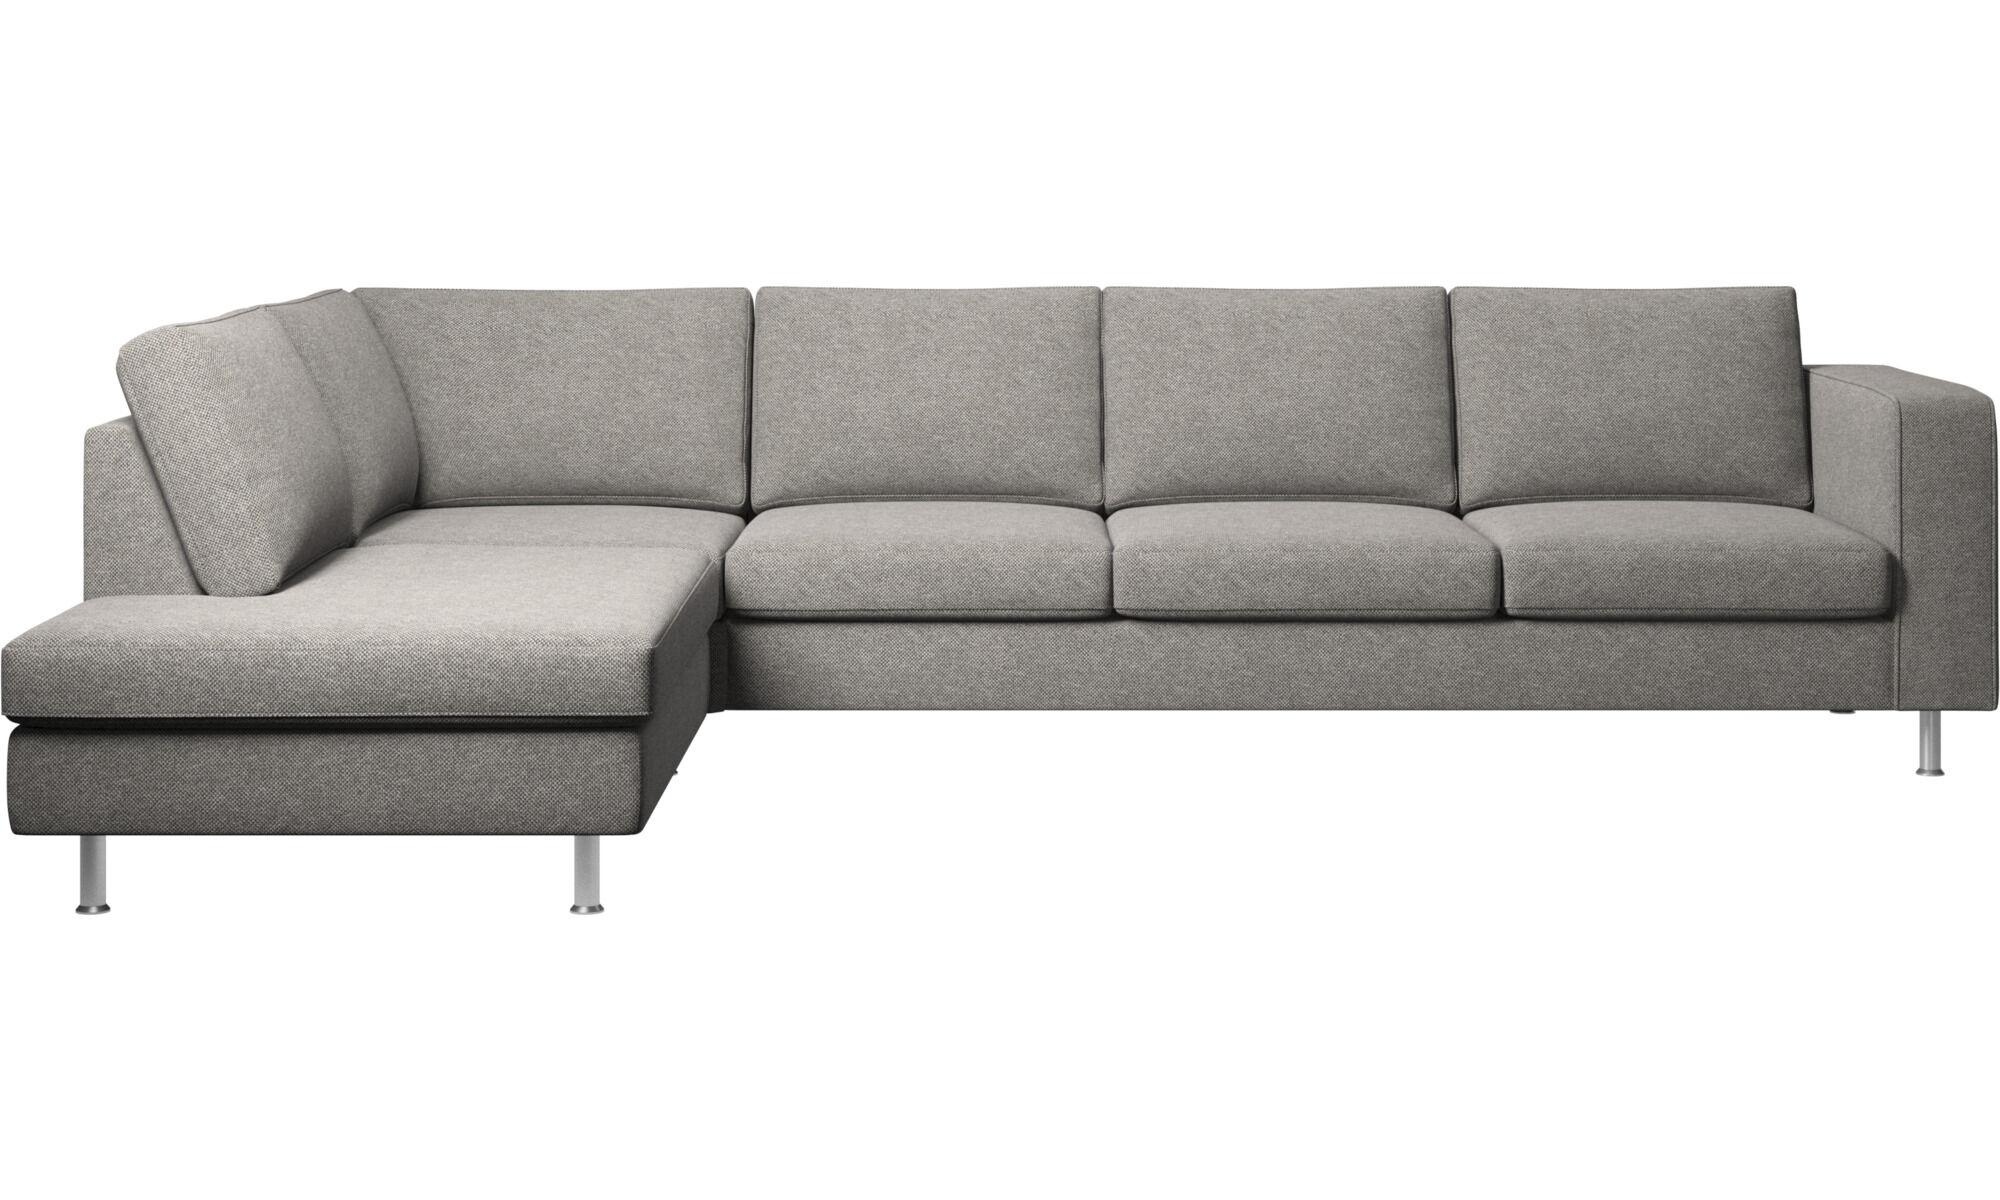 Lounge Sofas   Indivi 2 Ecksofa Mit Loungemodul   Grau   Stoff ...